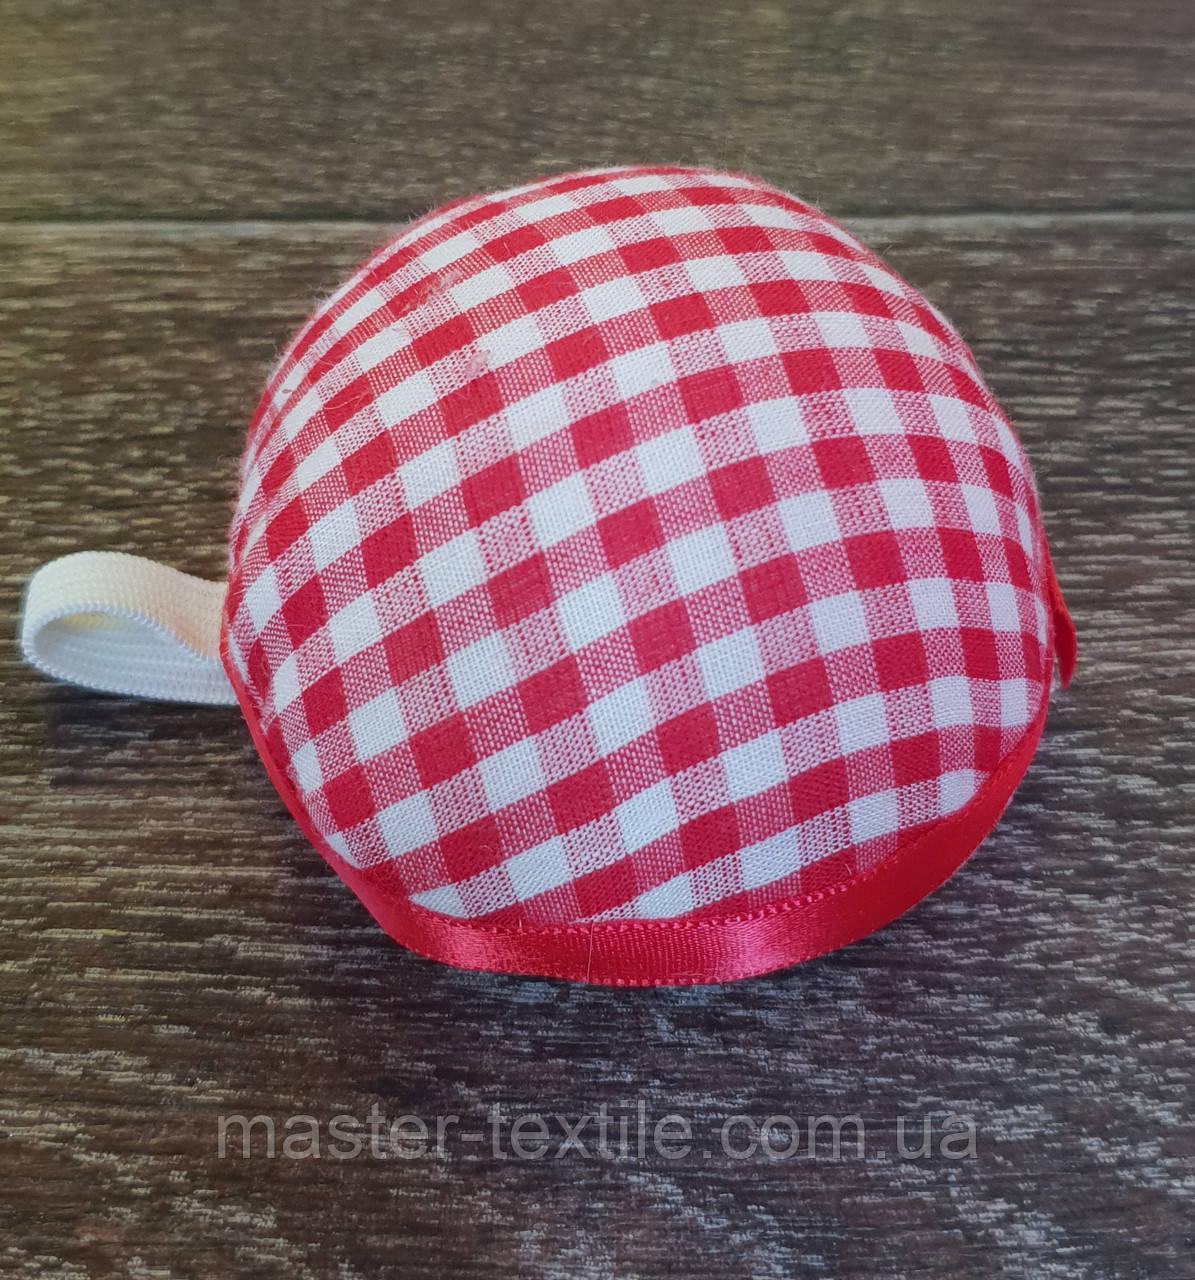 Игольница подушечка с резинкой на руку, D=70 мм,красная в клетку